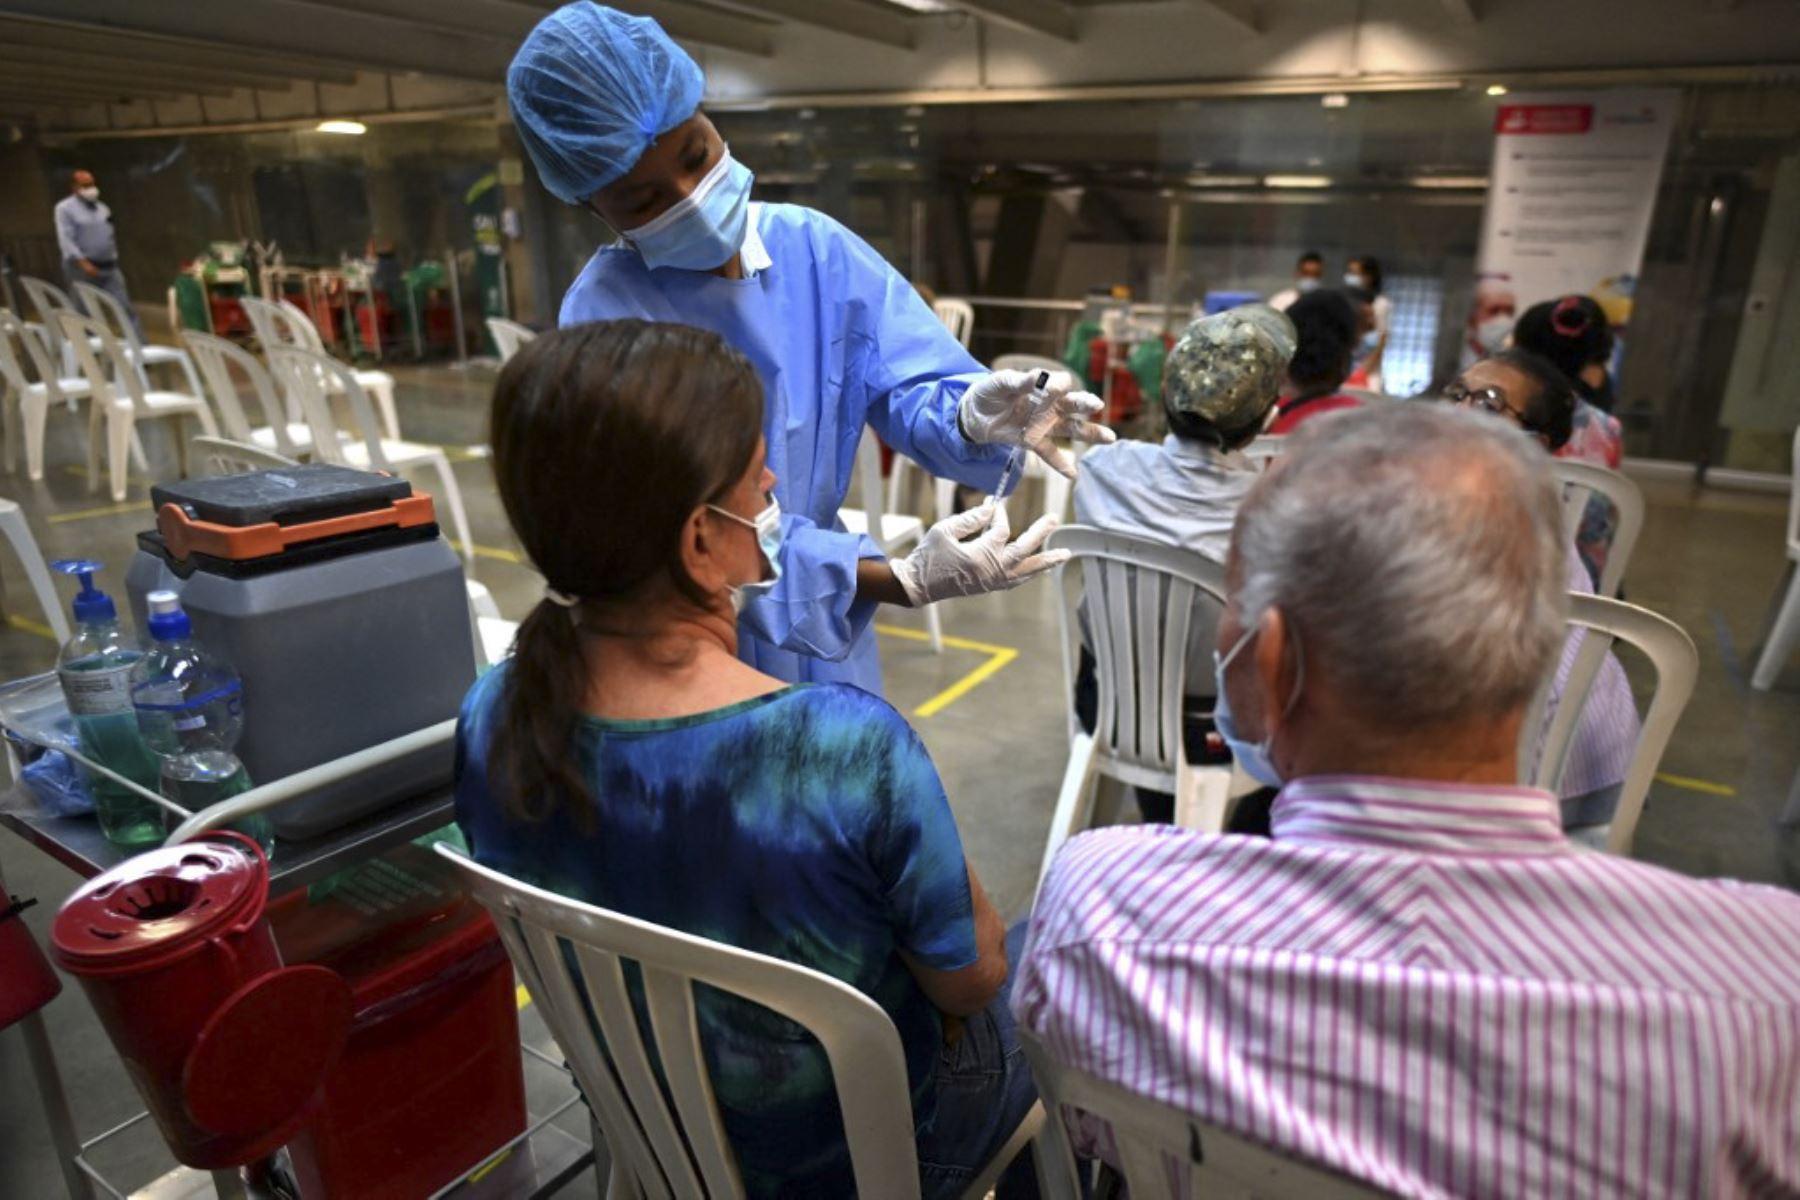 Un trabajador de salud prepara una dosis de la vacuna Pfizer-BioNTech contra covid-19 en el estadio olímpico Pascual Guerrero, en Cali, Colombia. Foto: AFP